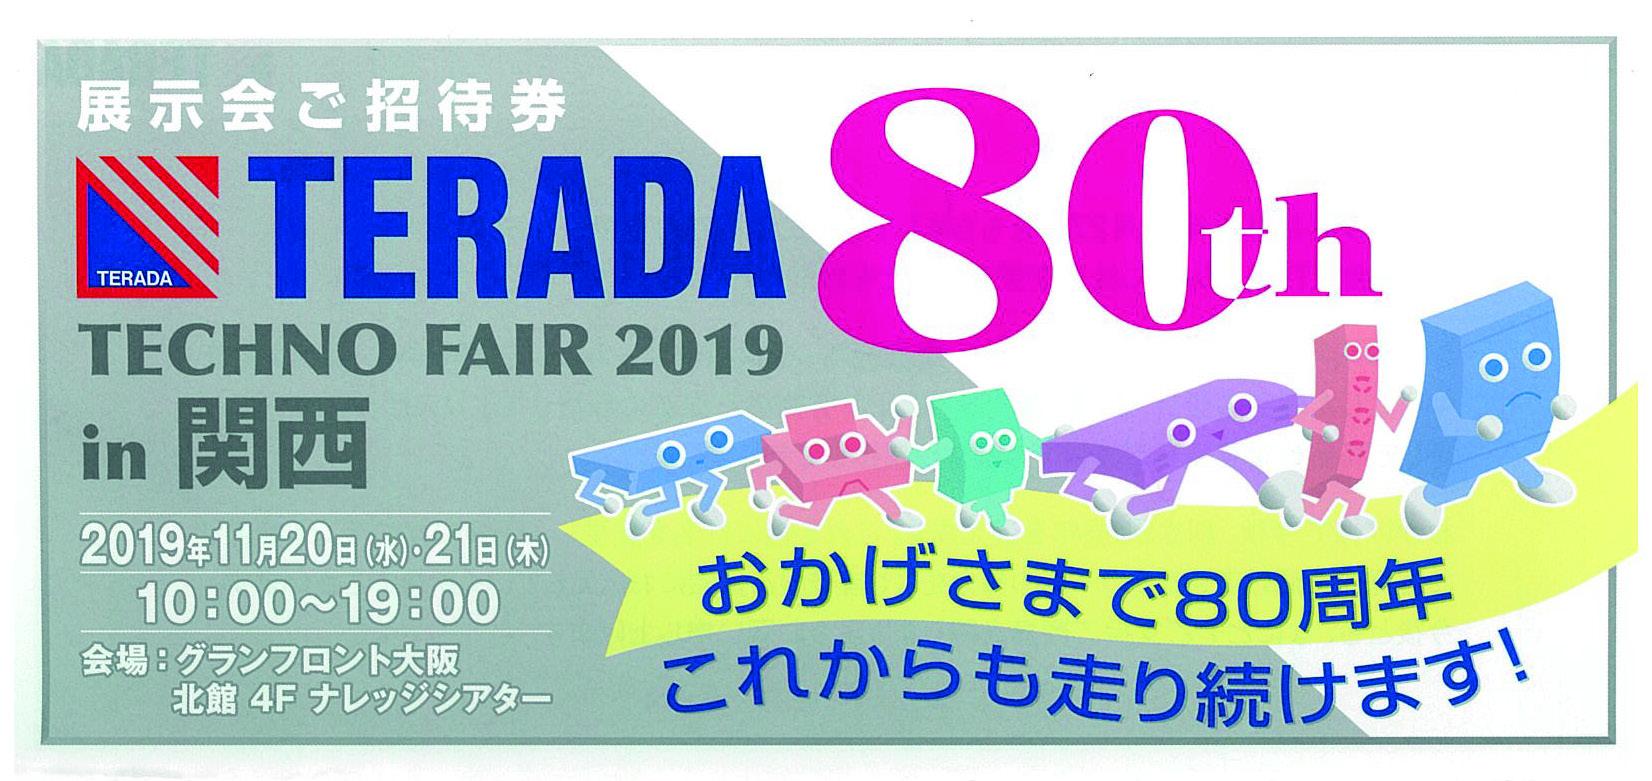 【TERADA】『TERADA TECHNO FAIR 2019 in 関西』2019年11月20日(水)、21日(木)、グランフロント大阪で開催の画像